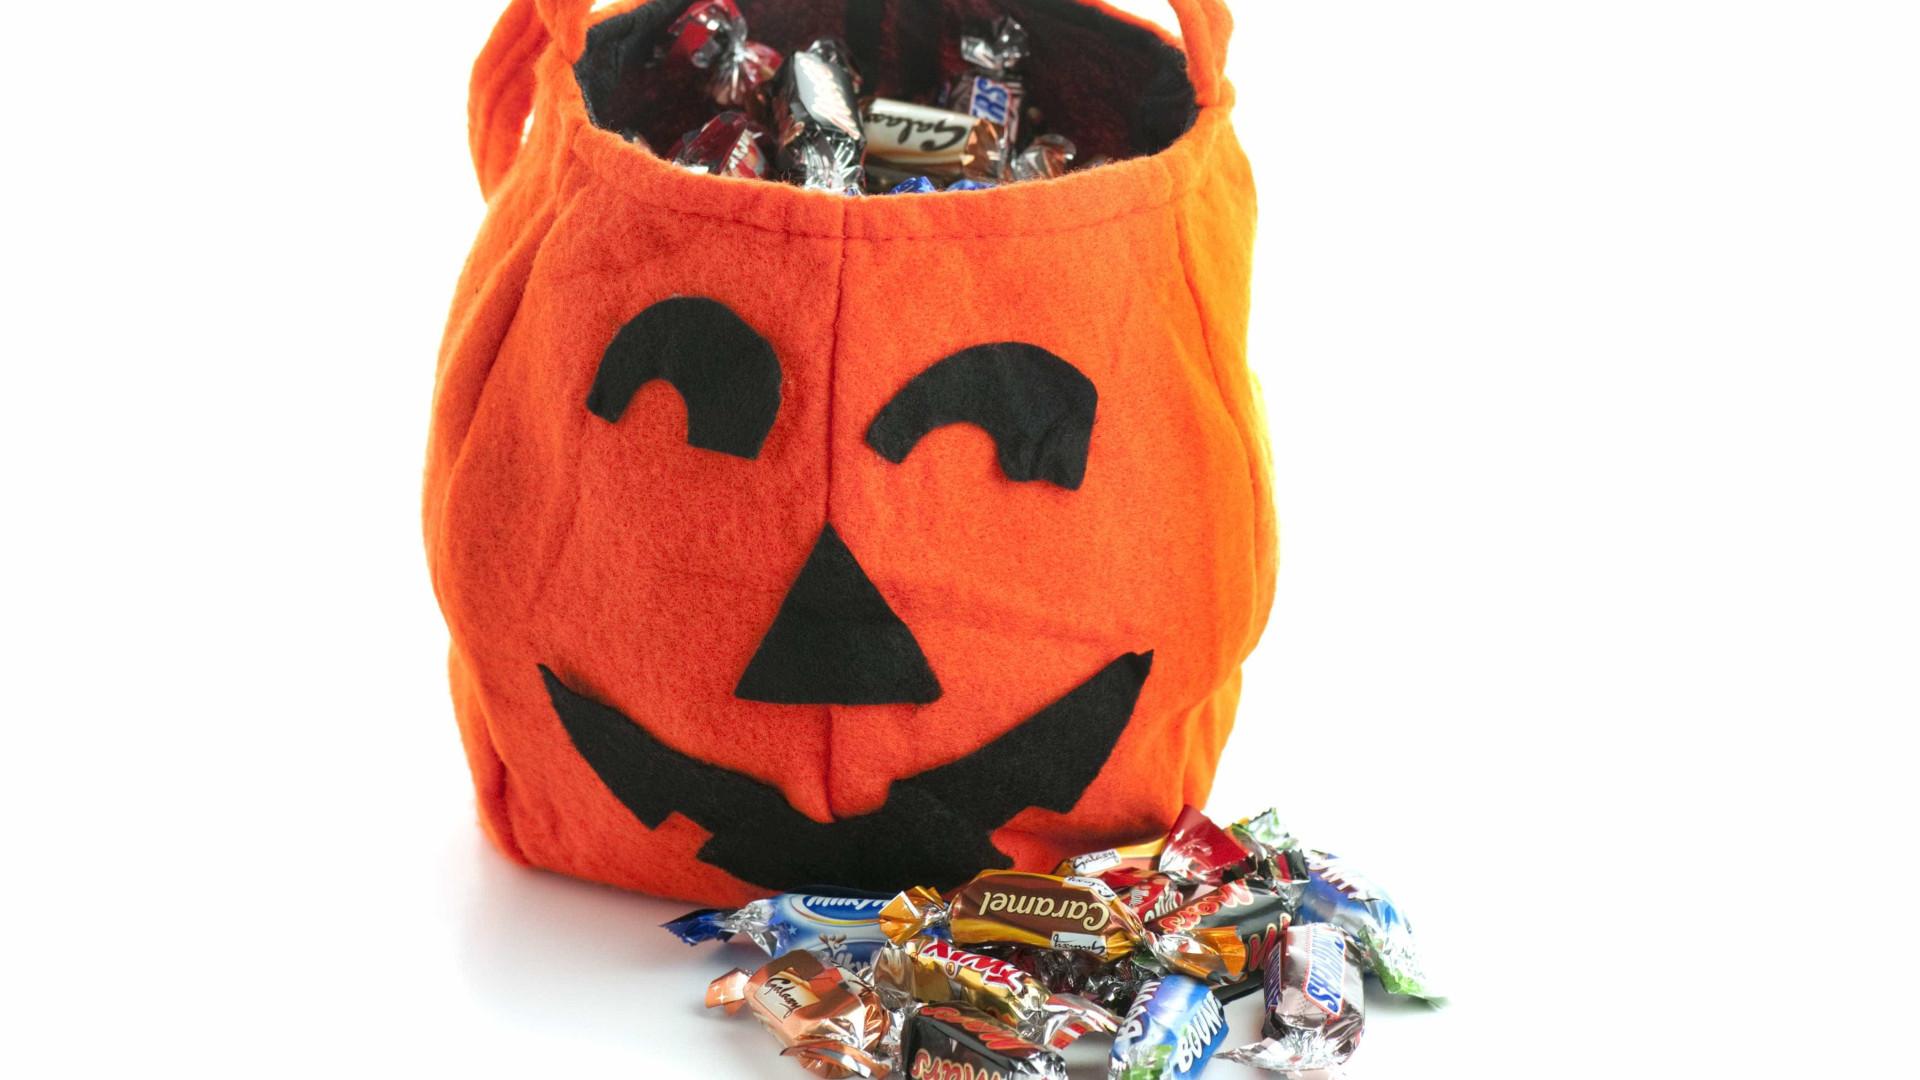 Perdeu anel de noivado num saco de doces no Halloween